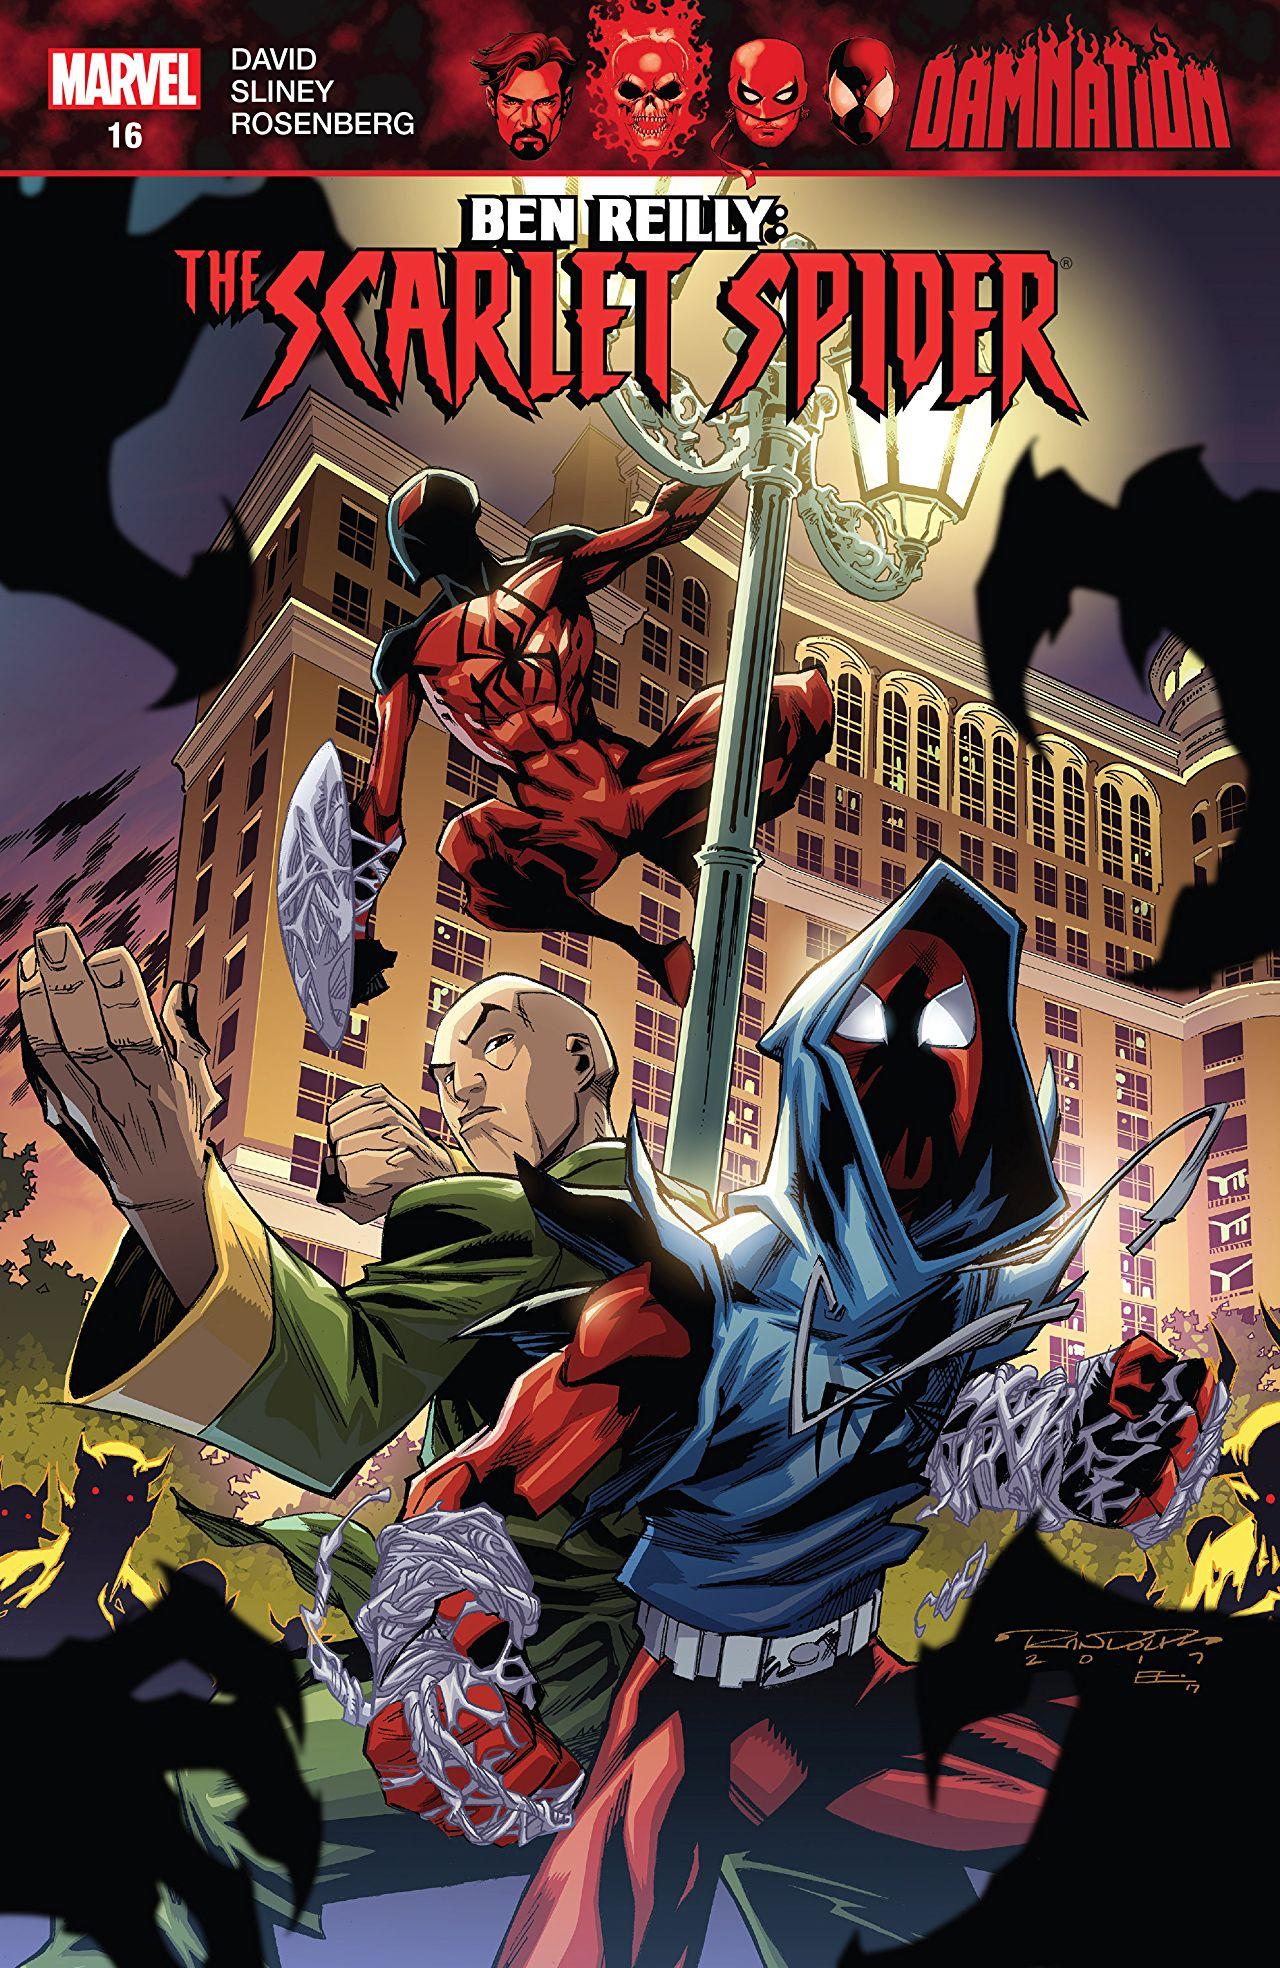 Ben Reilly - Scarlet Spider 16 - DAMNATION TIE-IN